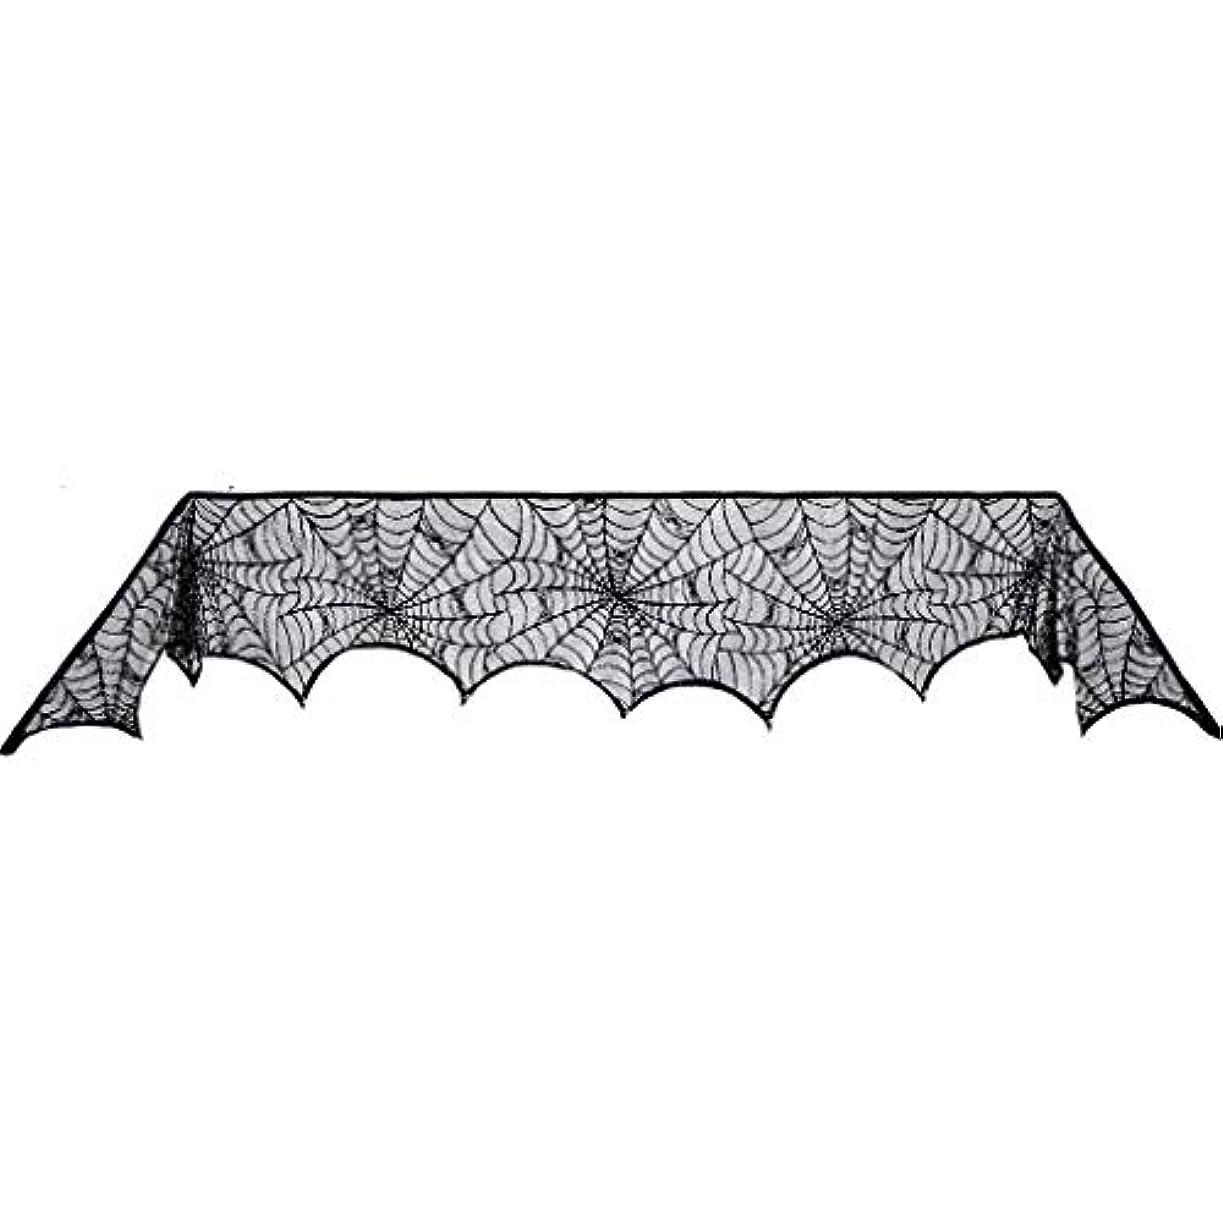 バンドショッピングセンター意識ハロウィンの黒いレースのクモの巣の暖炉のマントルスカーフカバー、ハロウィンの小道具の装飾